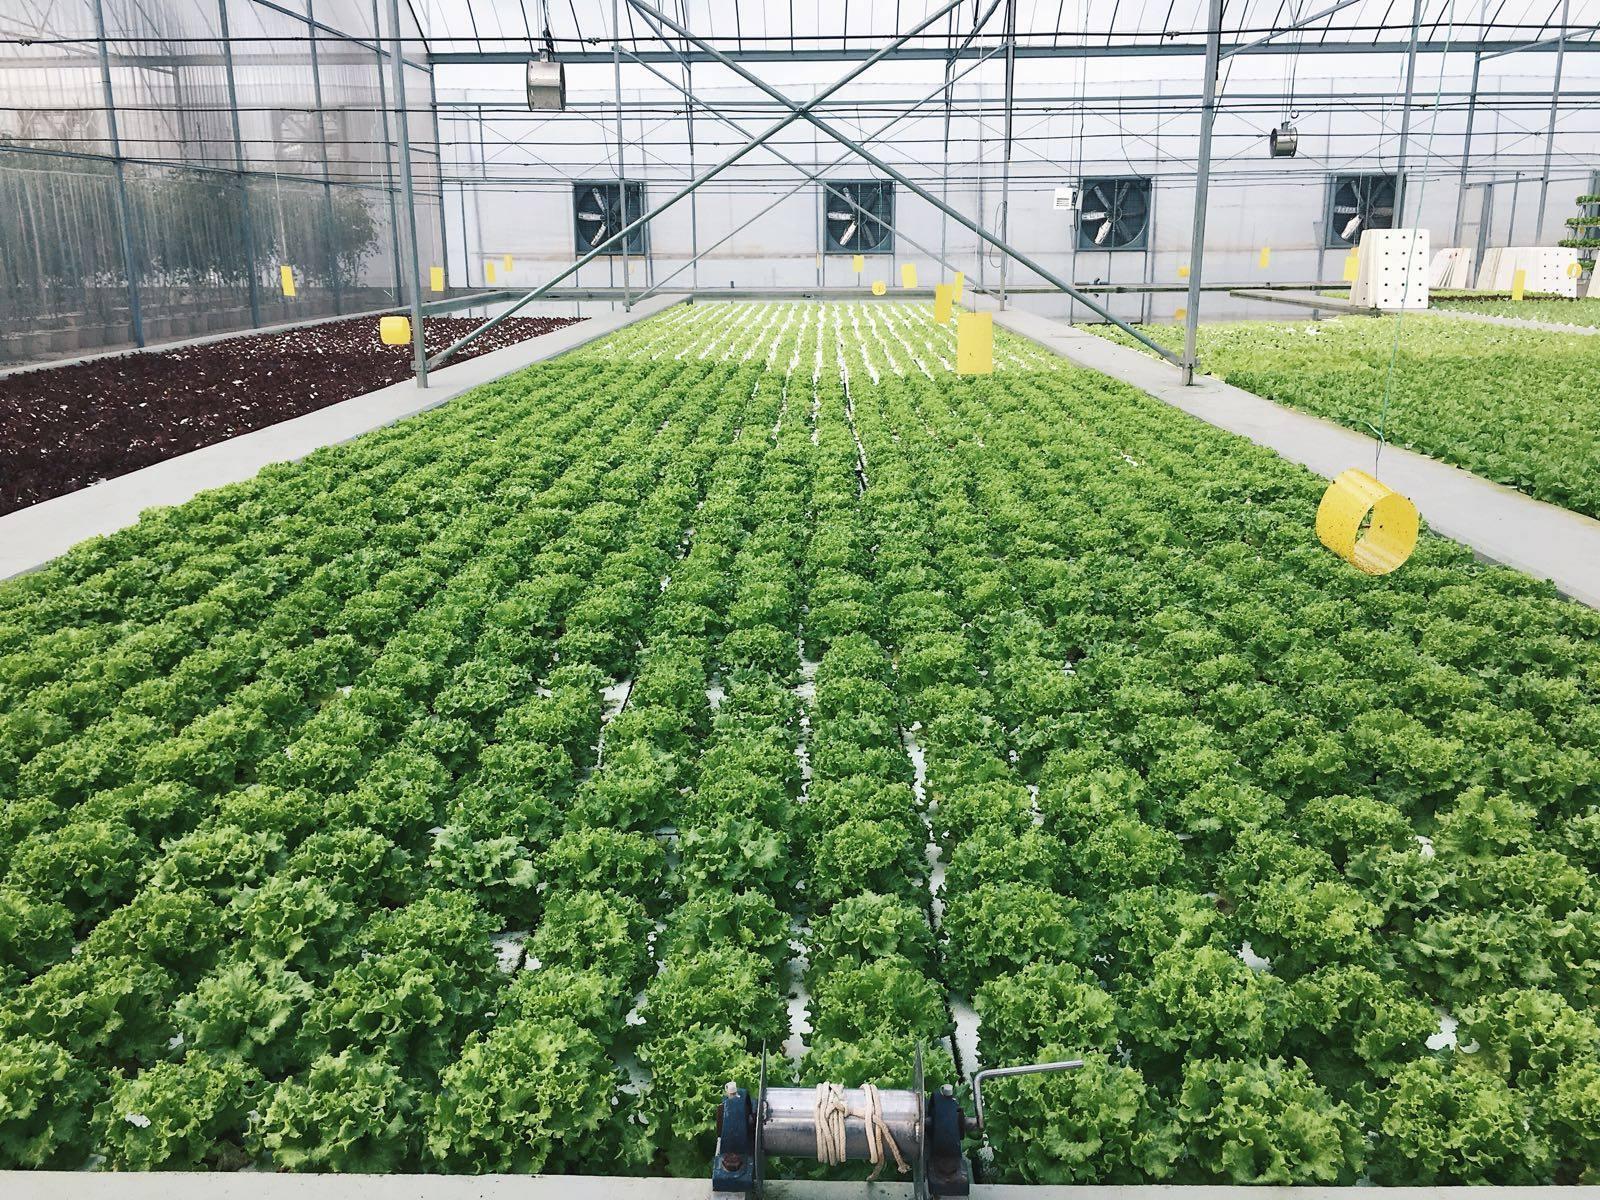 Perkebunan & Pertanian Sayuran Organik di Singapura II